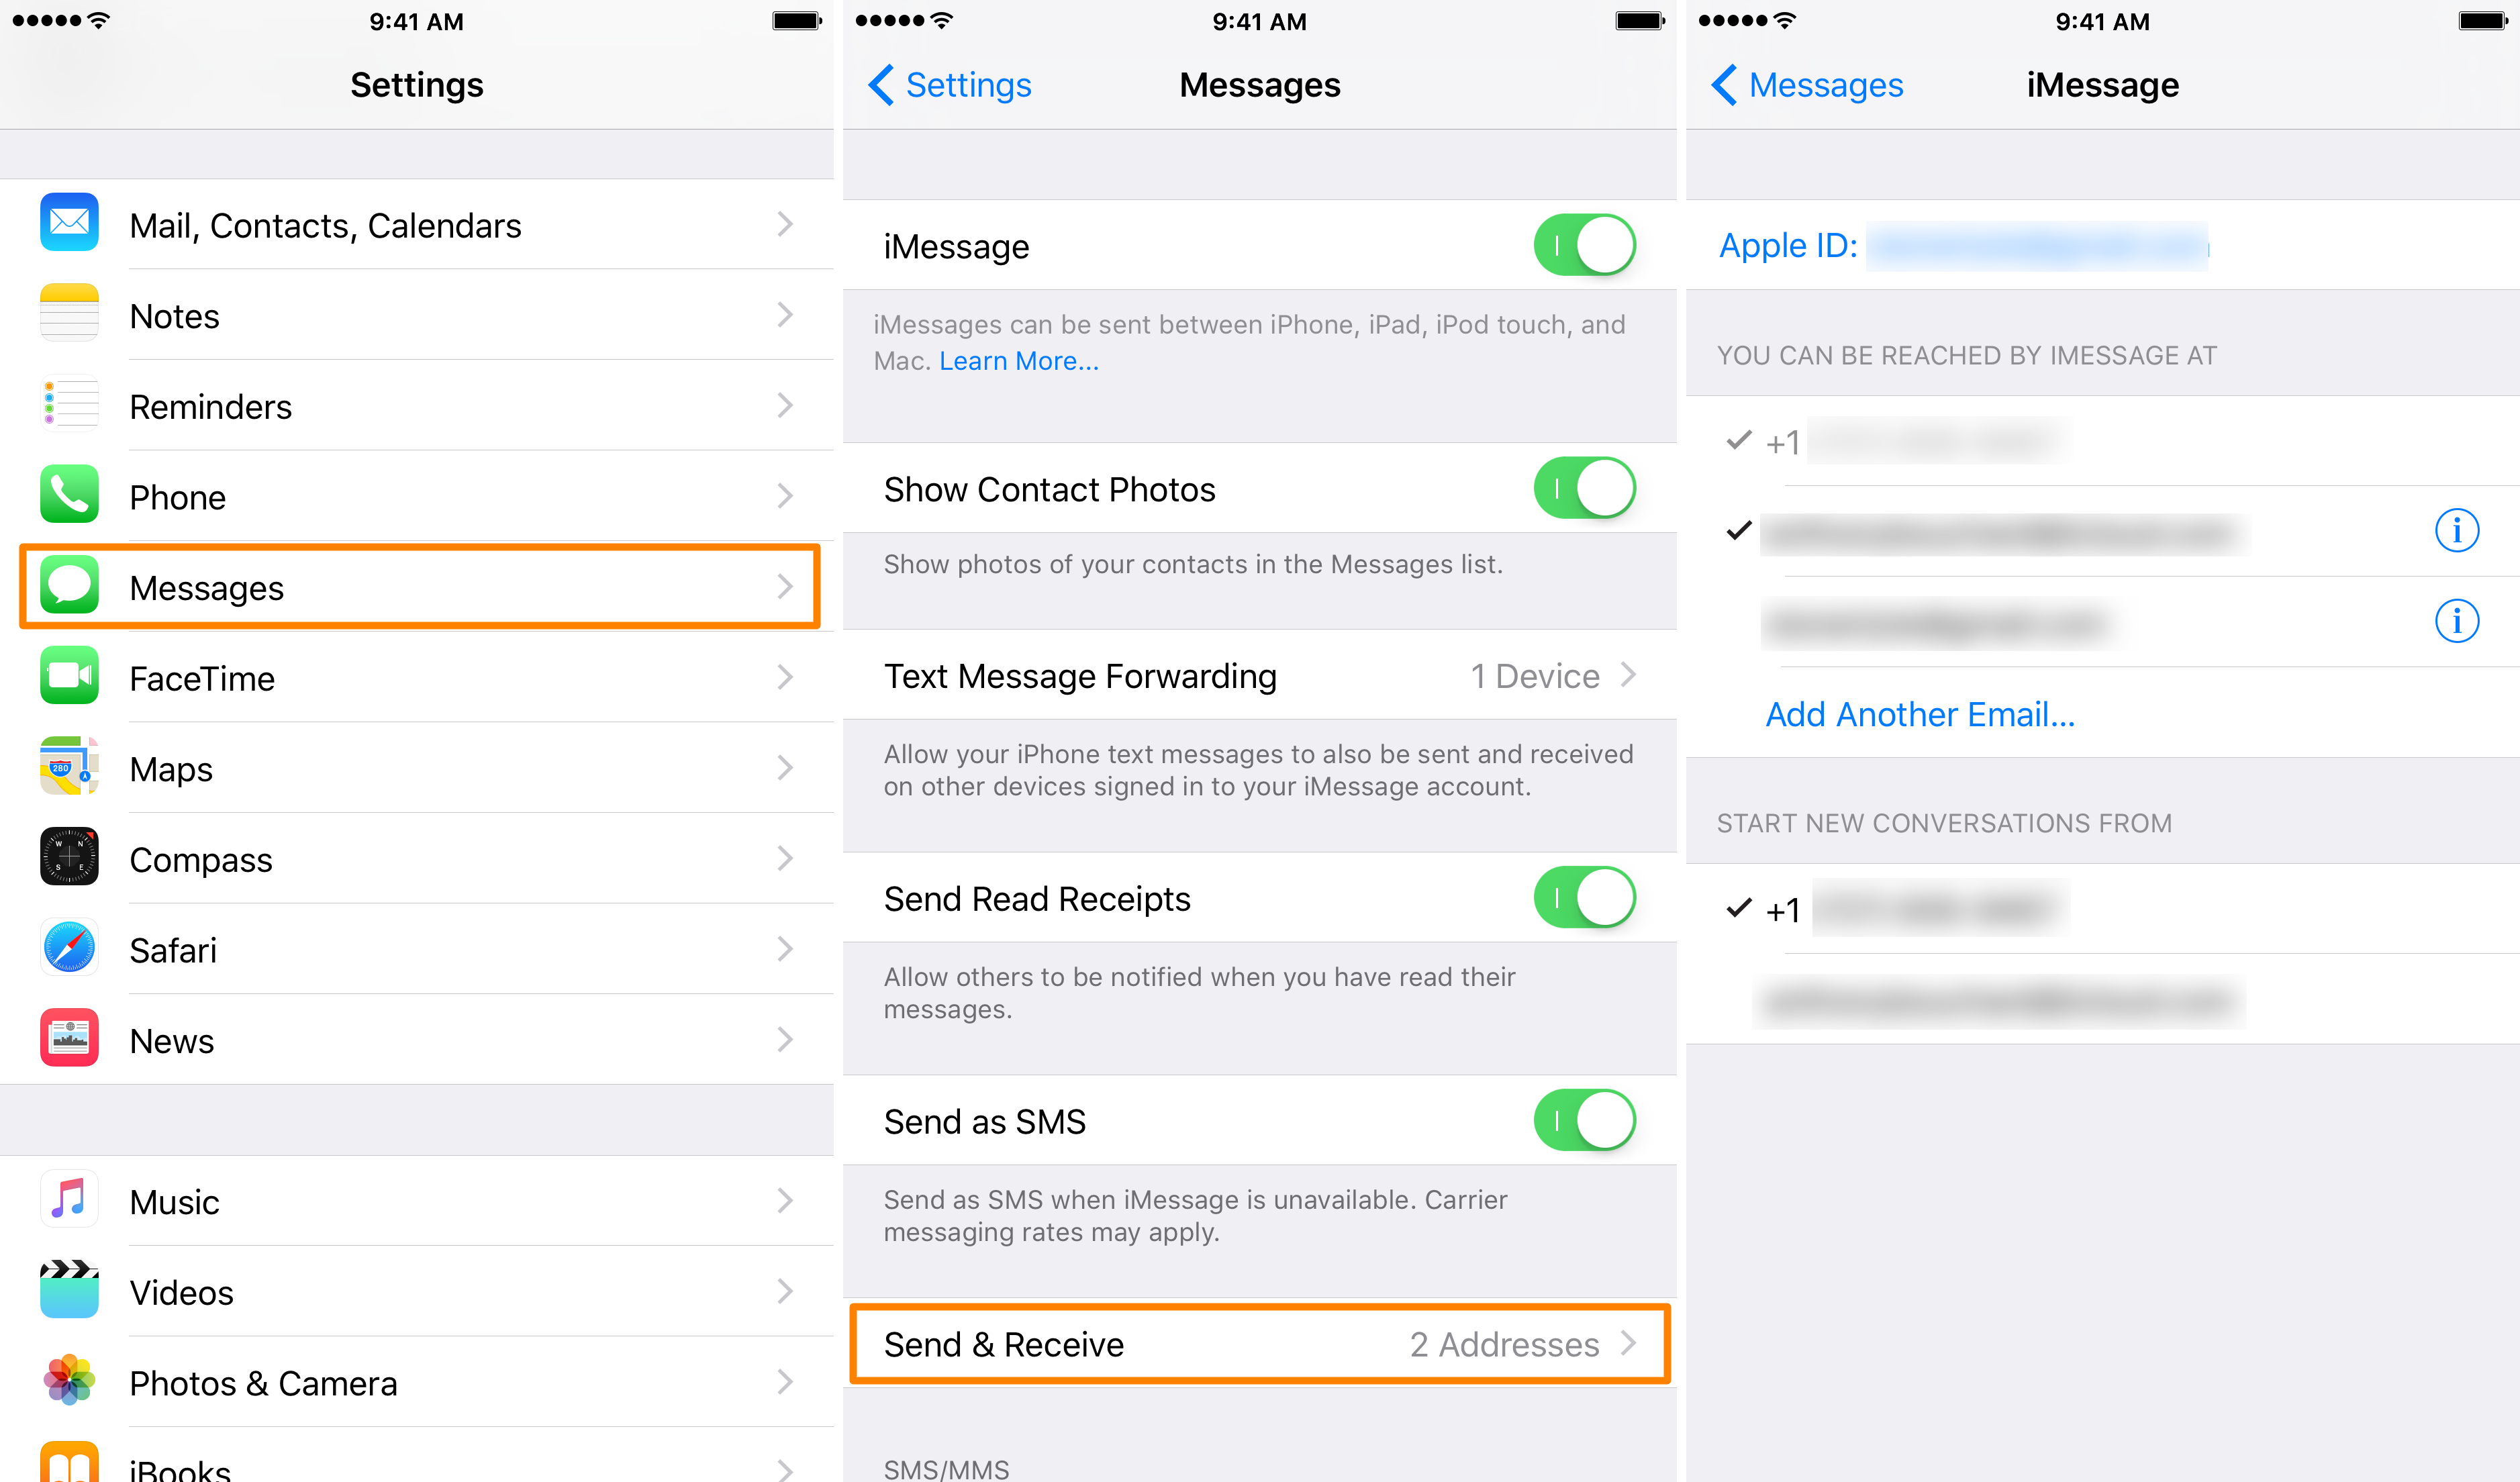 cambiar el correo electrónico de iMessage en iOS